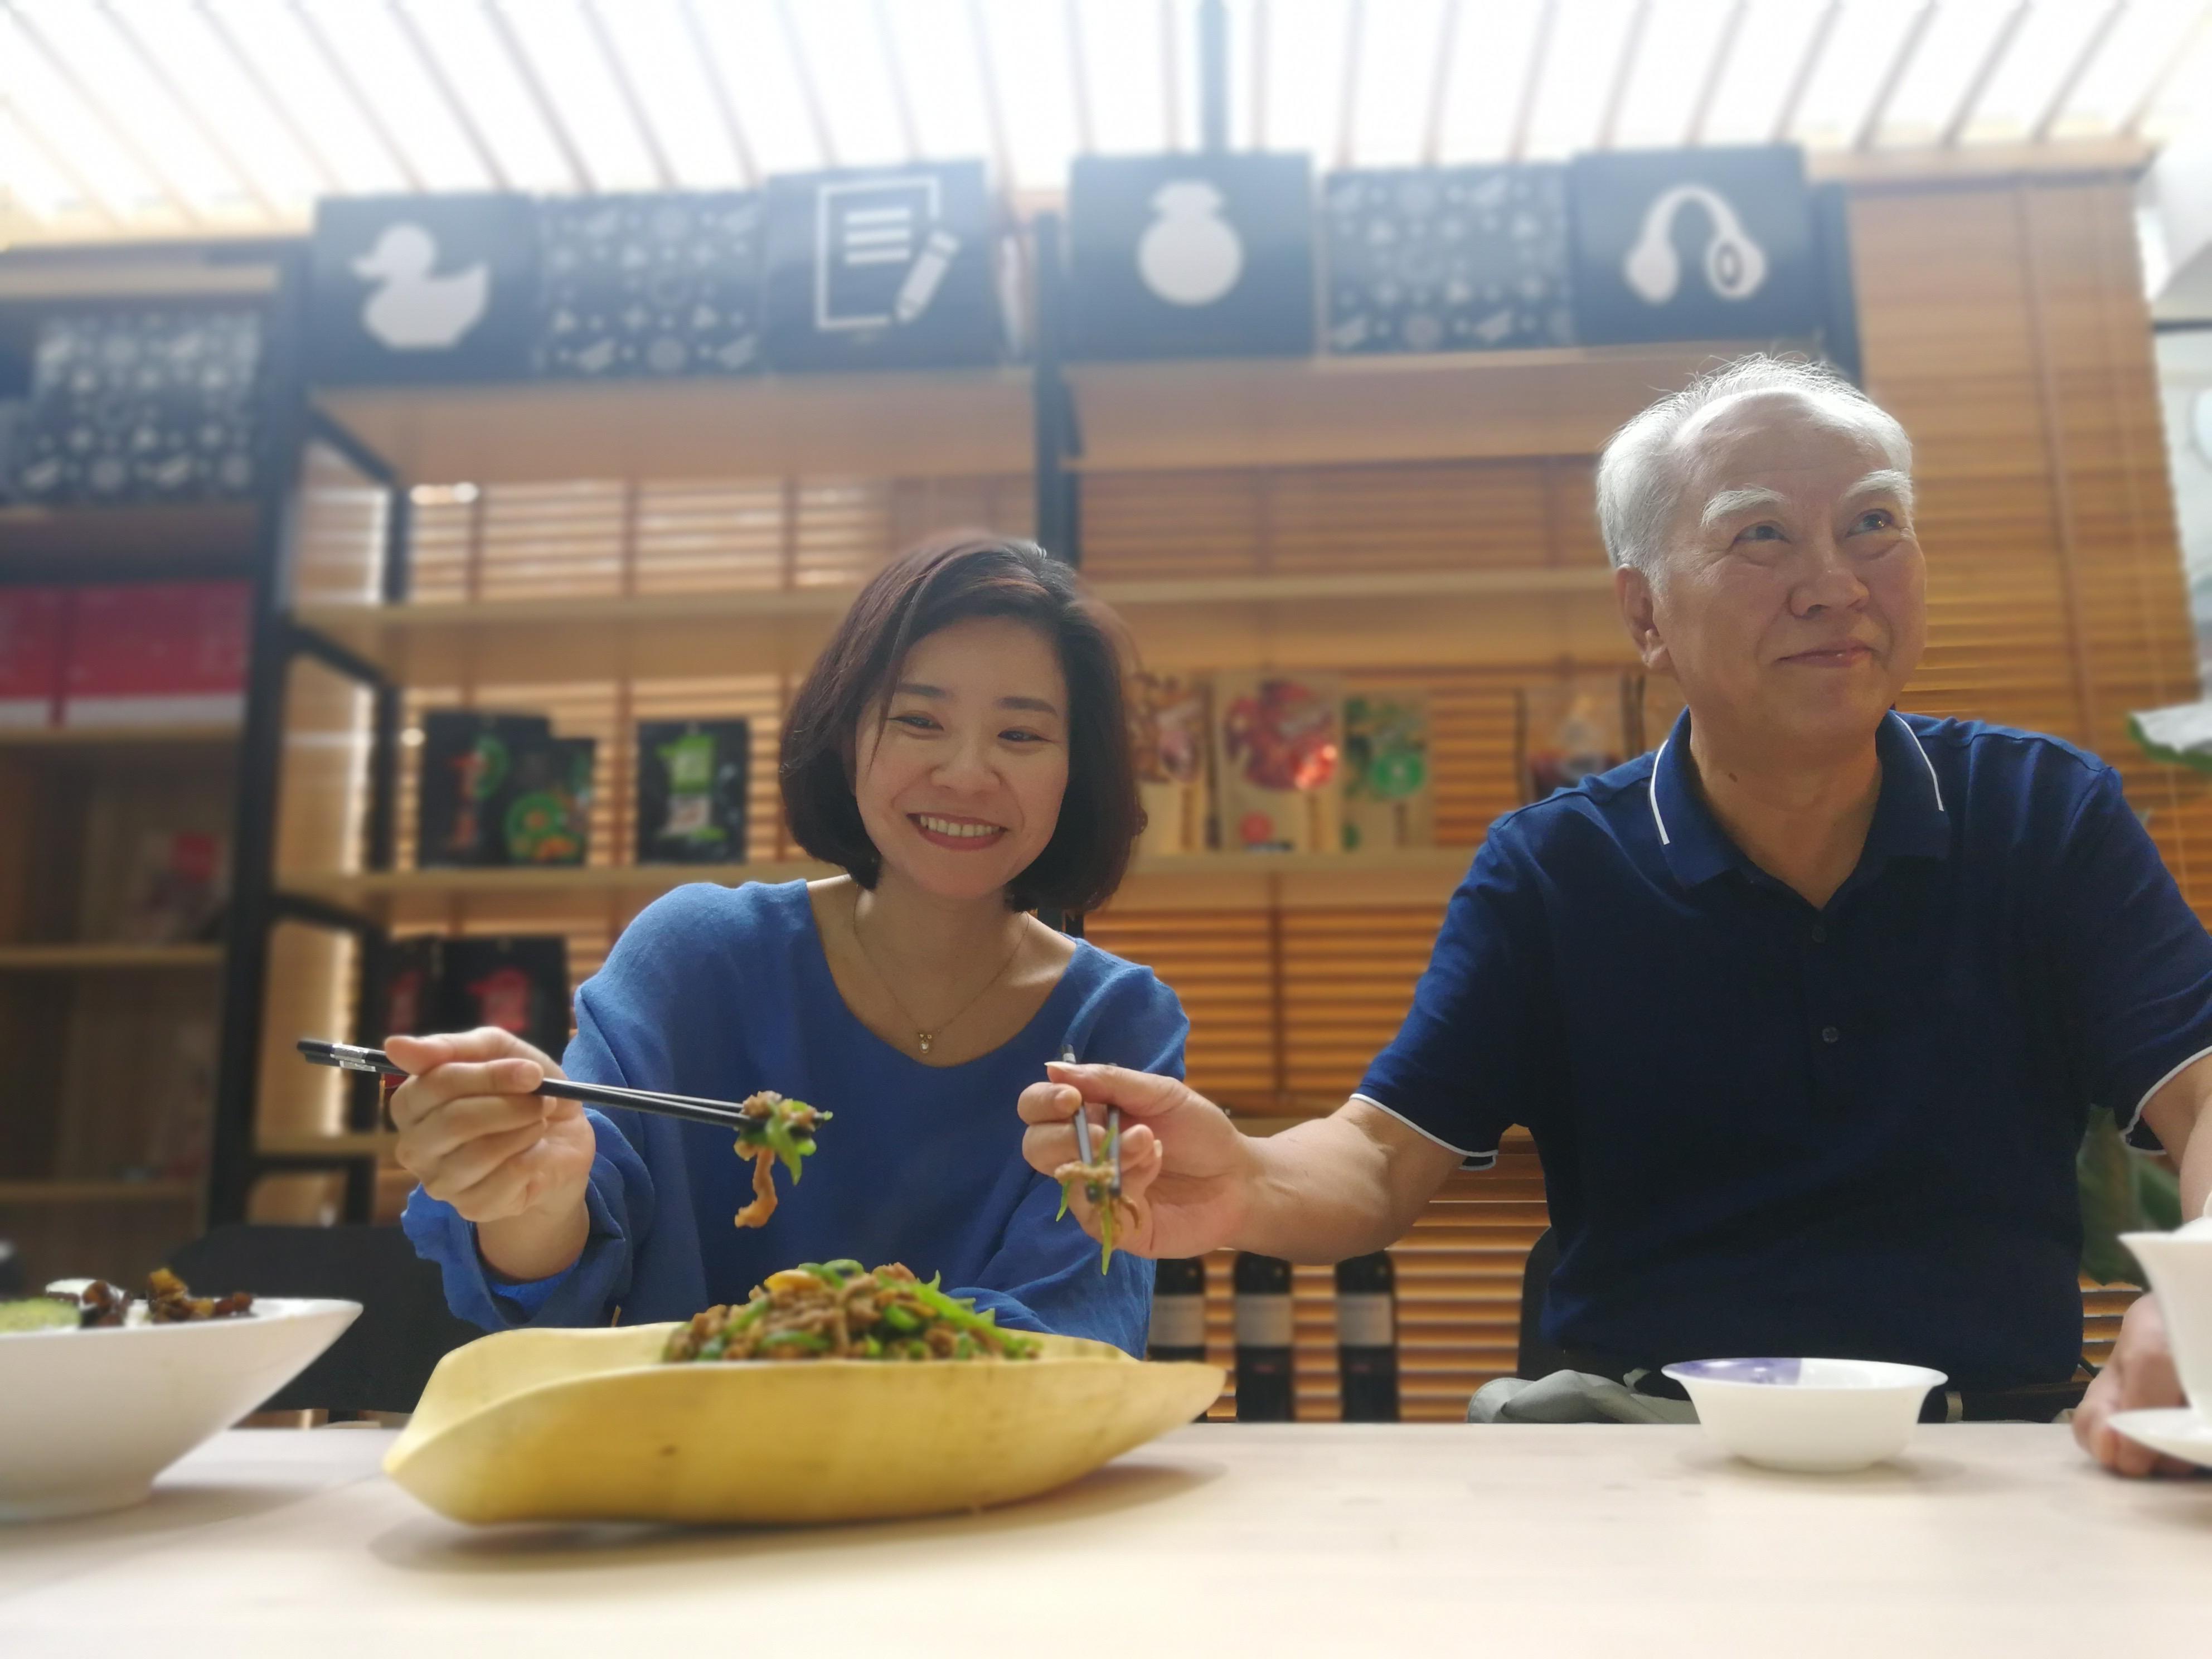 Master chef Peng Zi Yu and Tzu-i